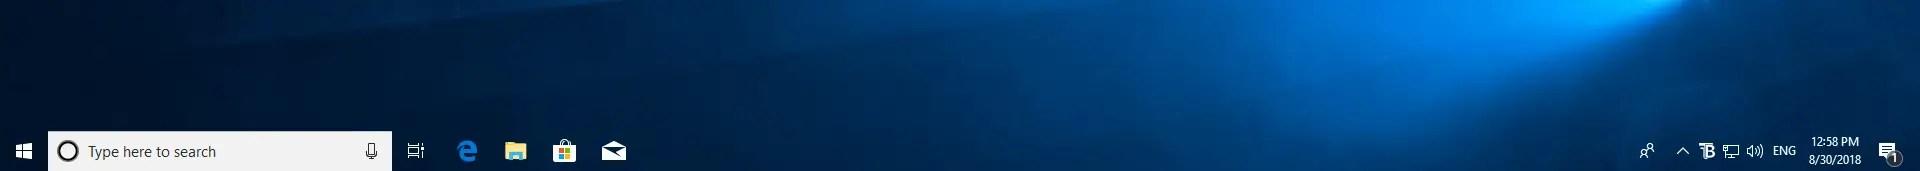 Transparent taskbar transparent taskbar